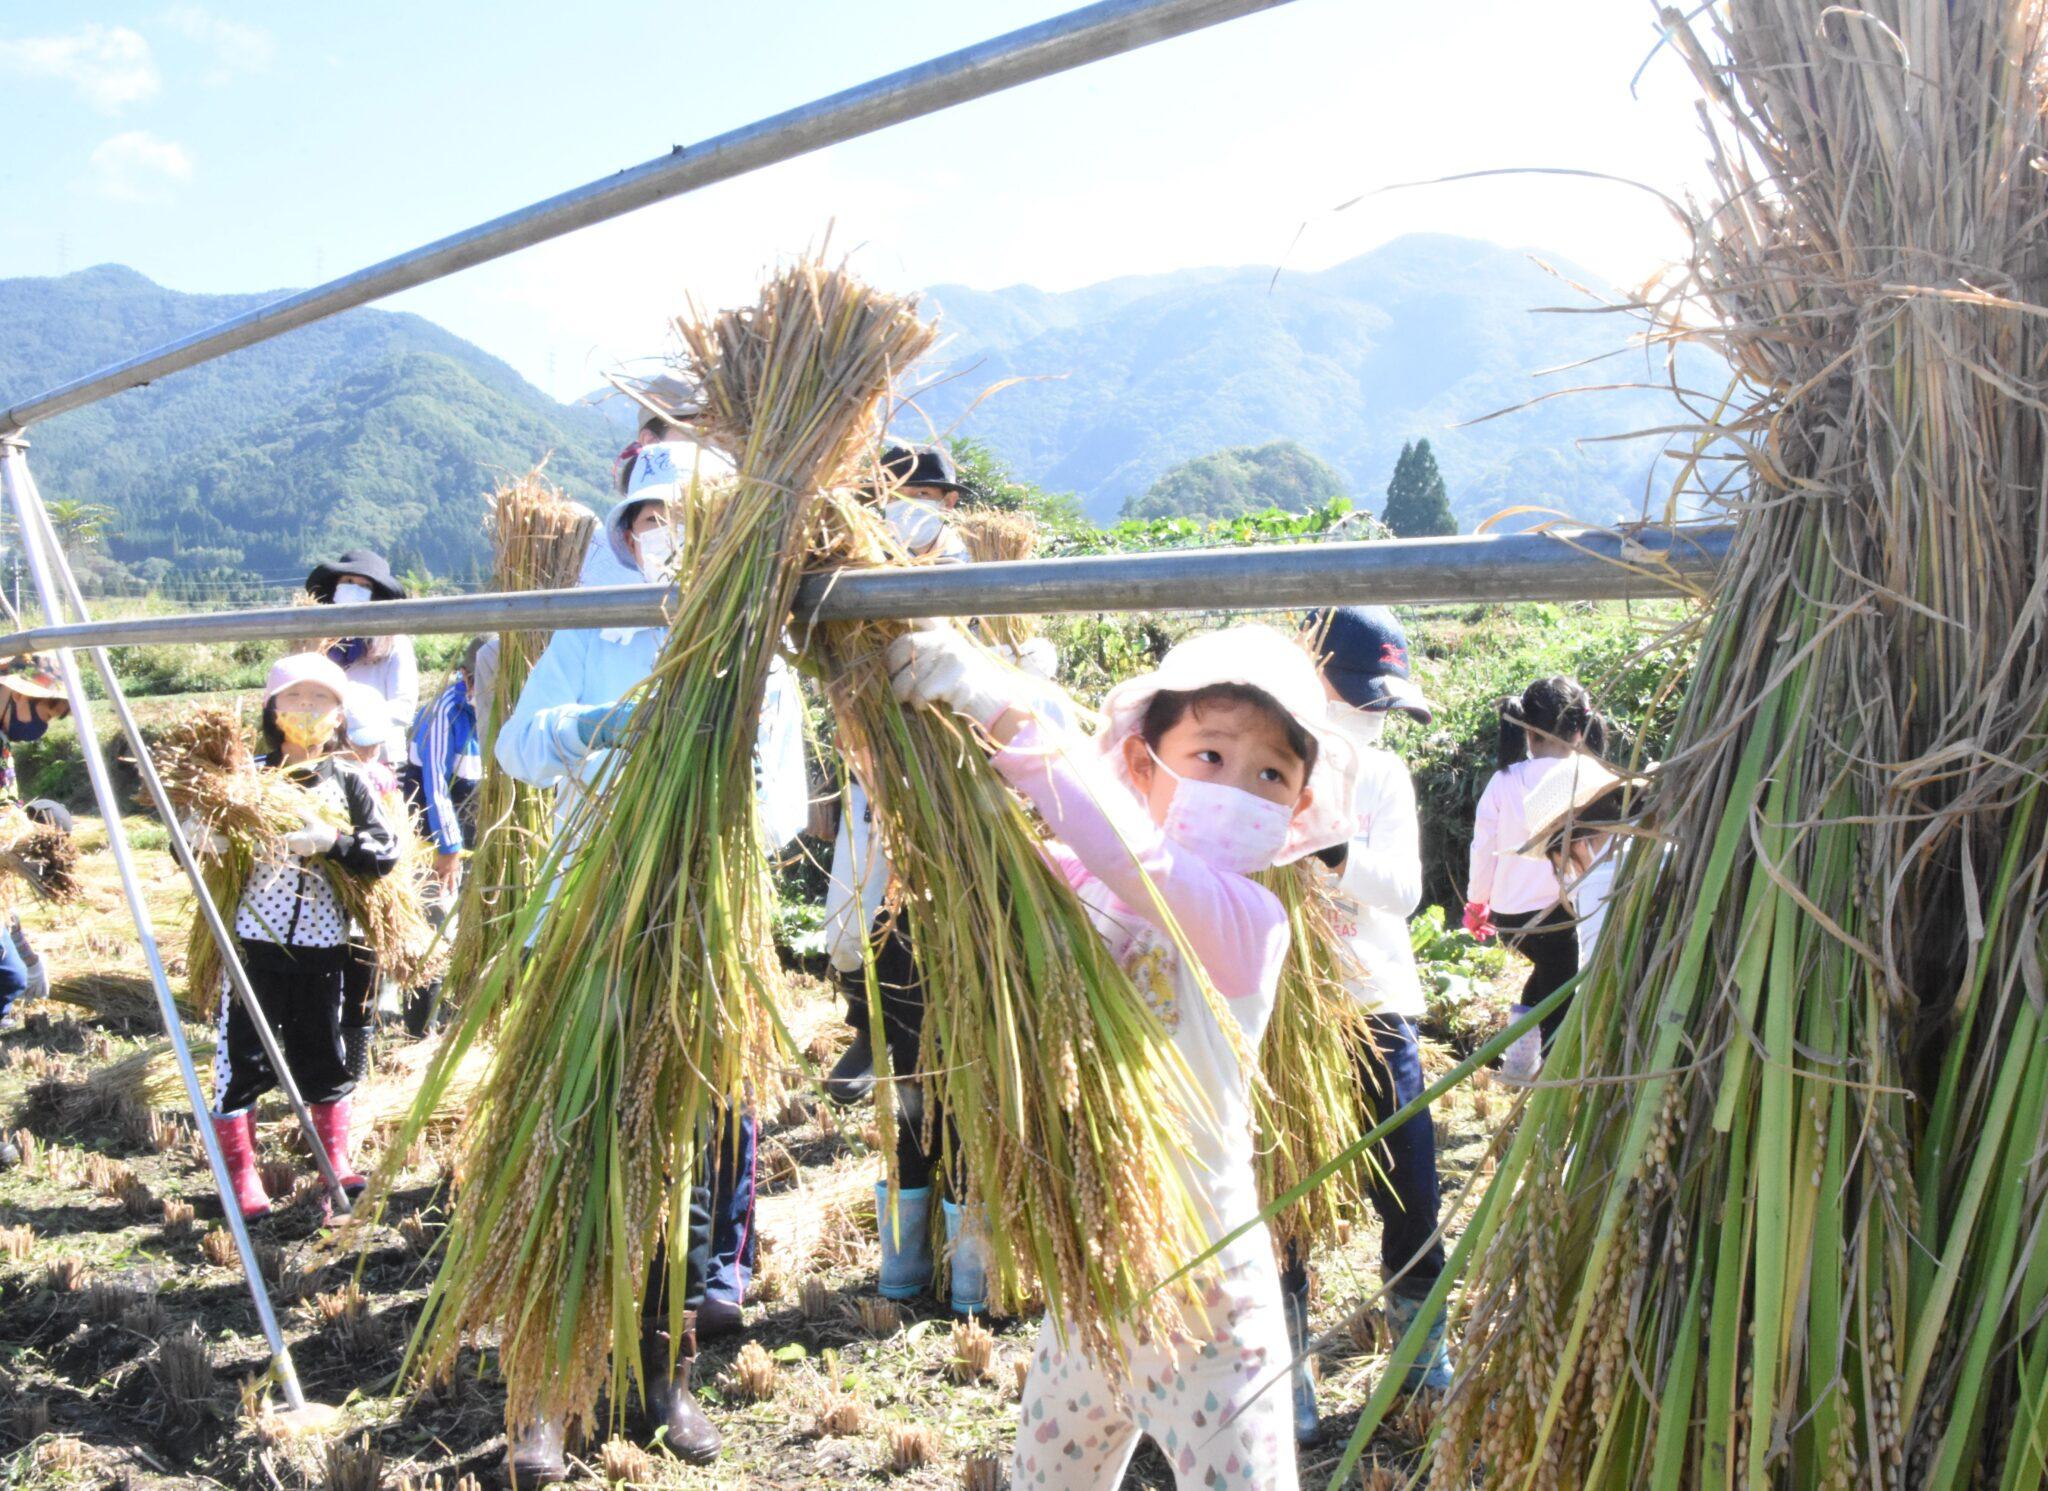 刈った稲穂は天日干し 農業小学校の子どもたち 須坂